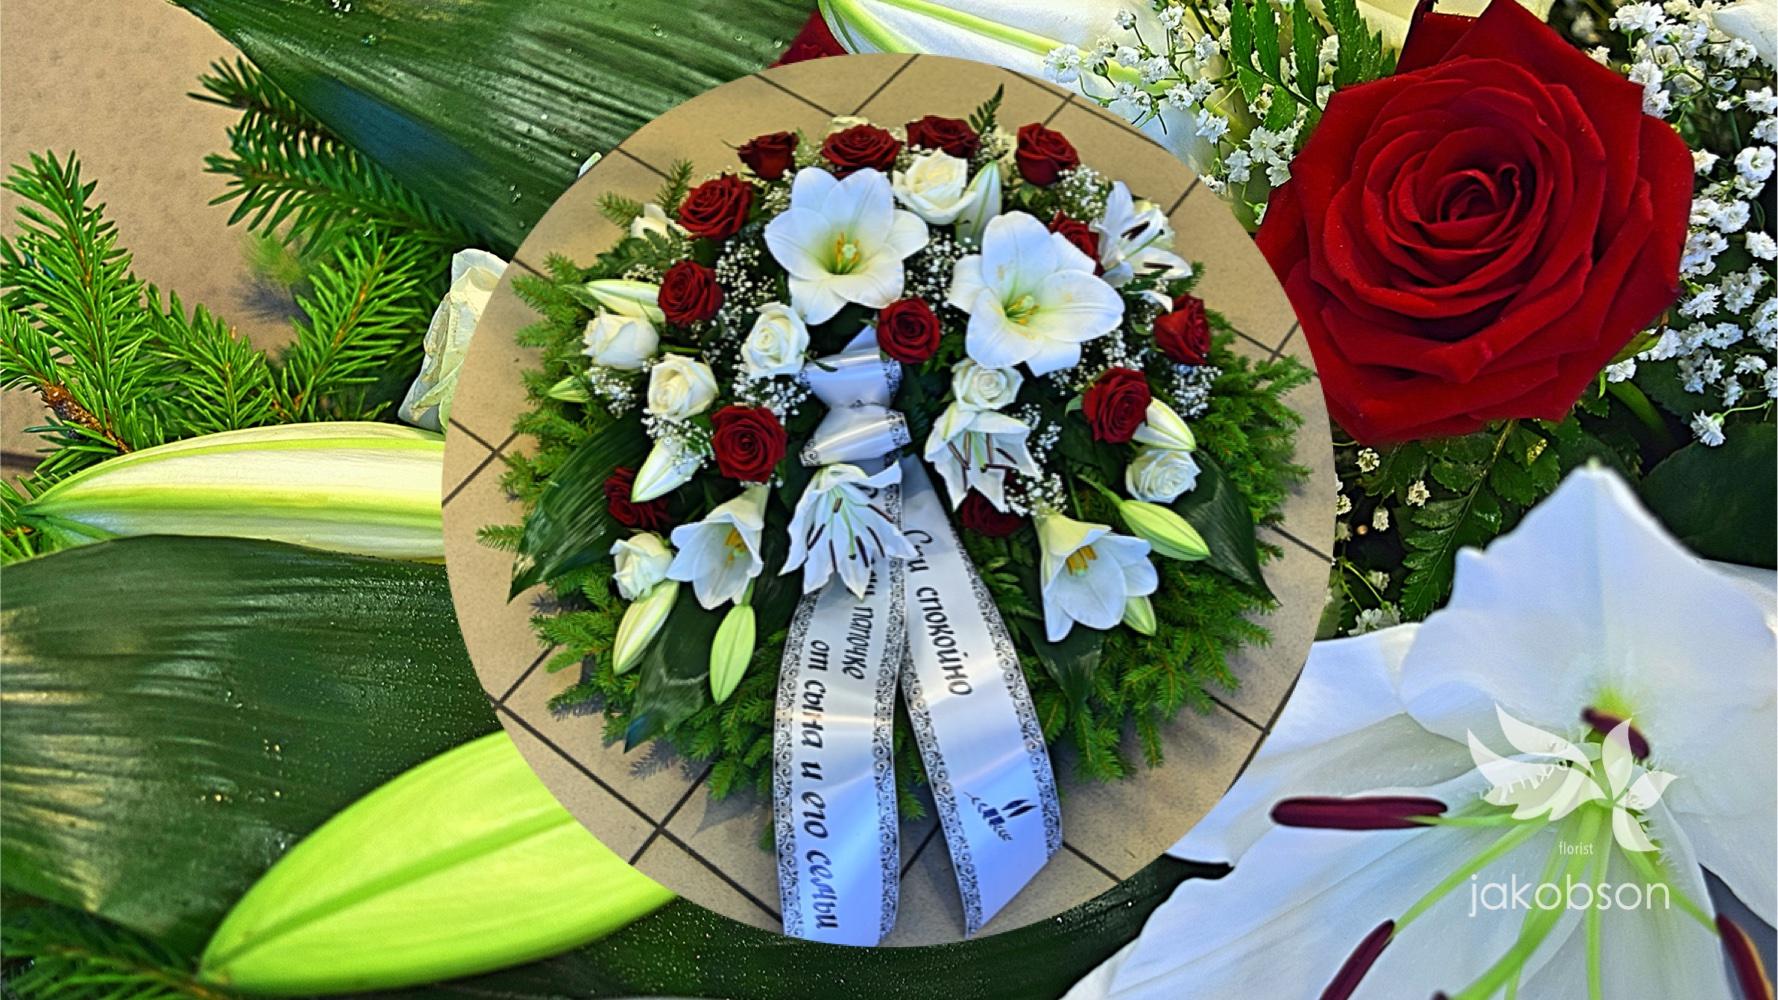 Florist Jakobson - Haapsalu Lillekuller